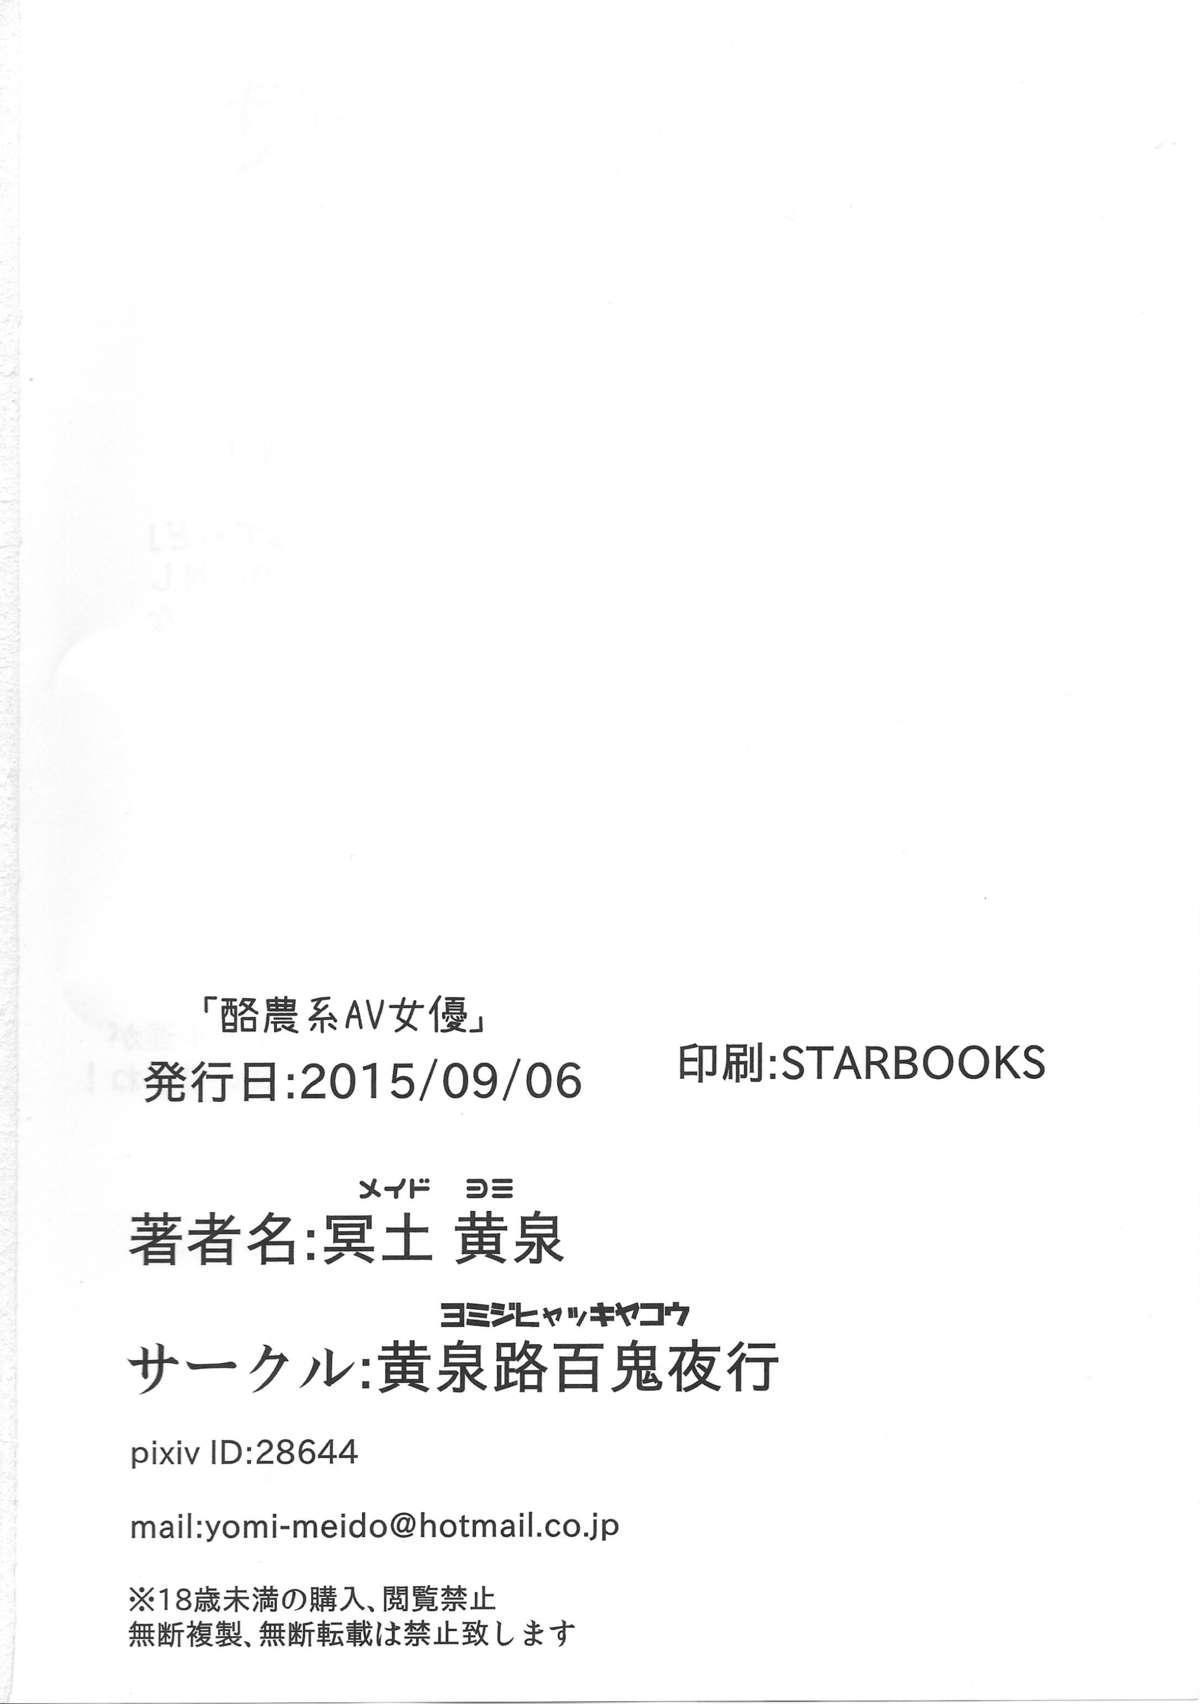 Rakunou-kei AV Joyuu 24